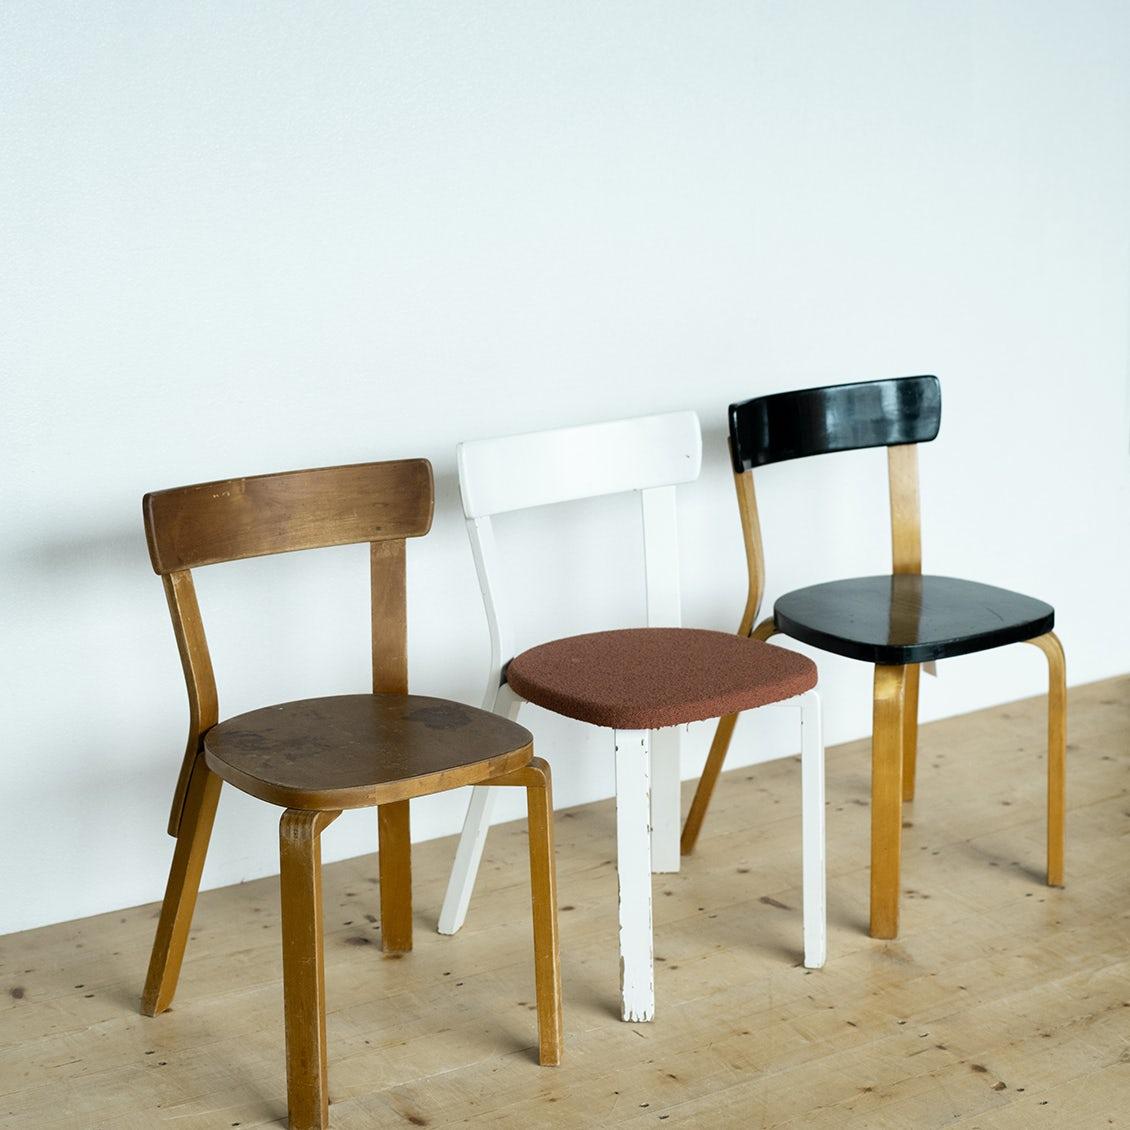 【とっておきの椅子選び】第1話:お気に入りのデザインの見つけ方。北欧家具「talo」を訪ねました